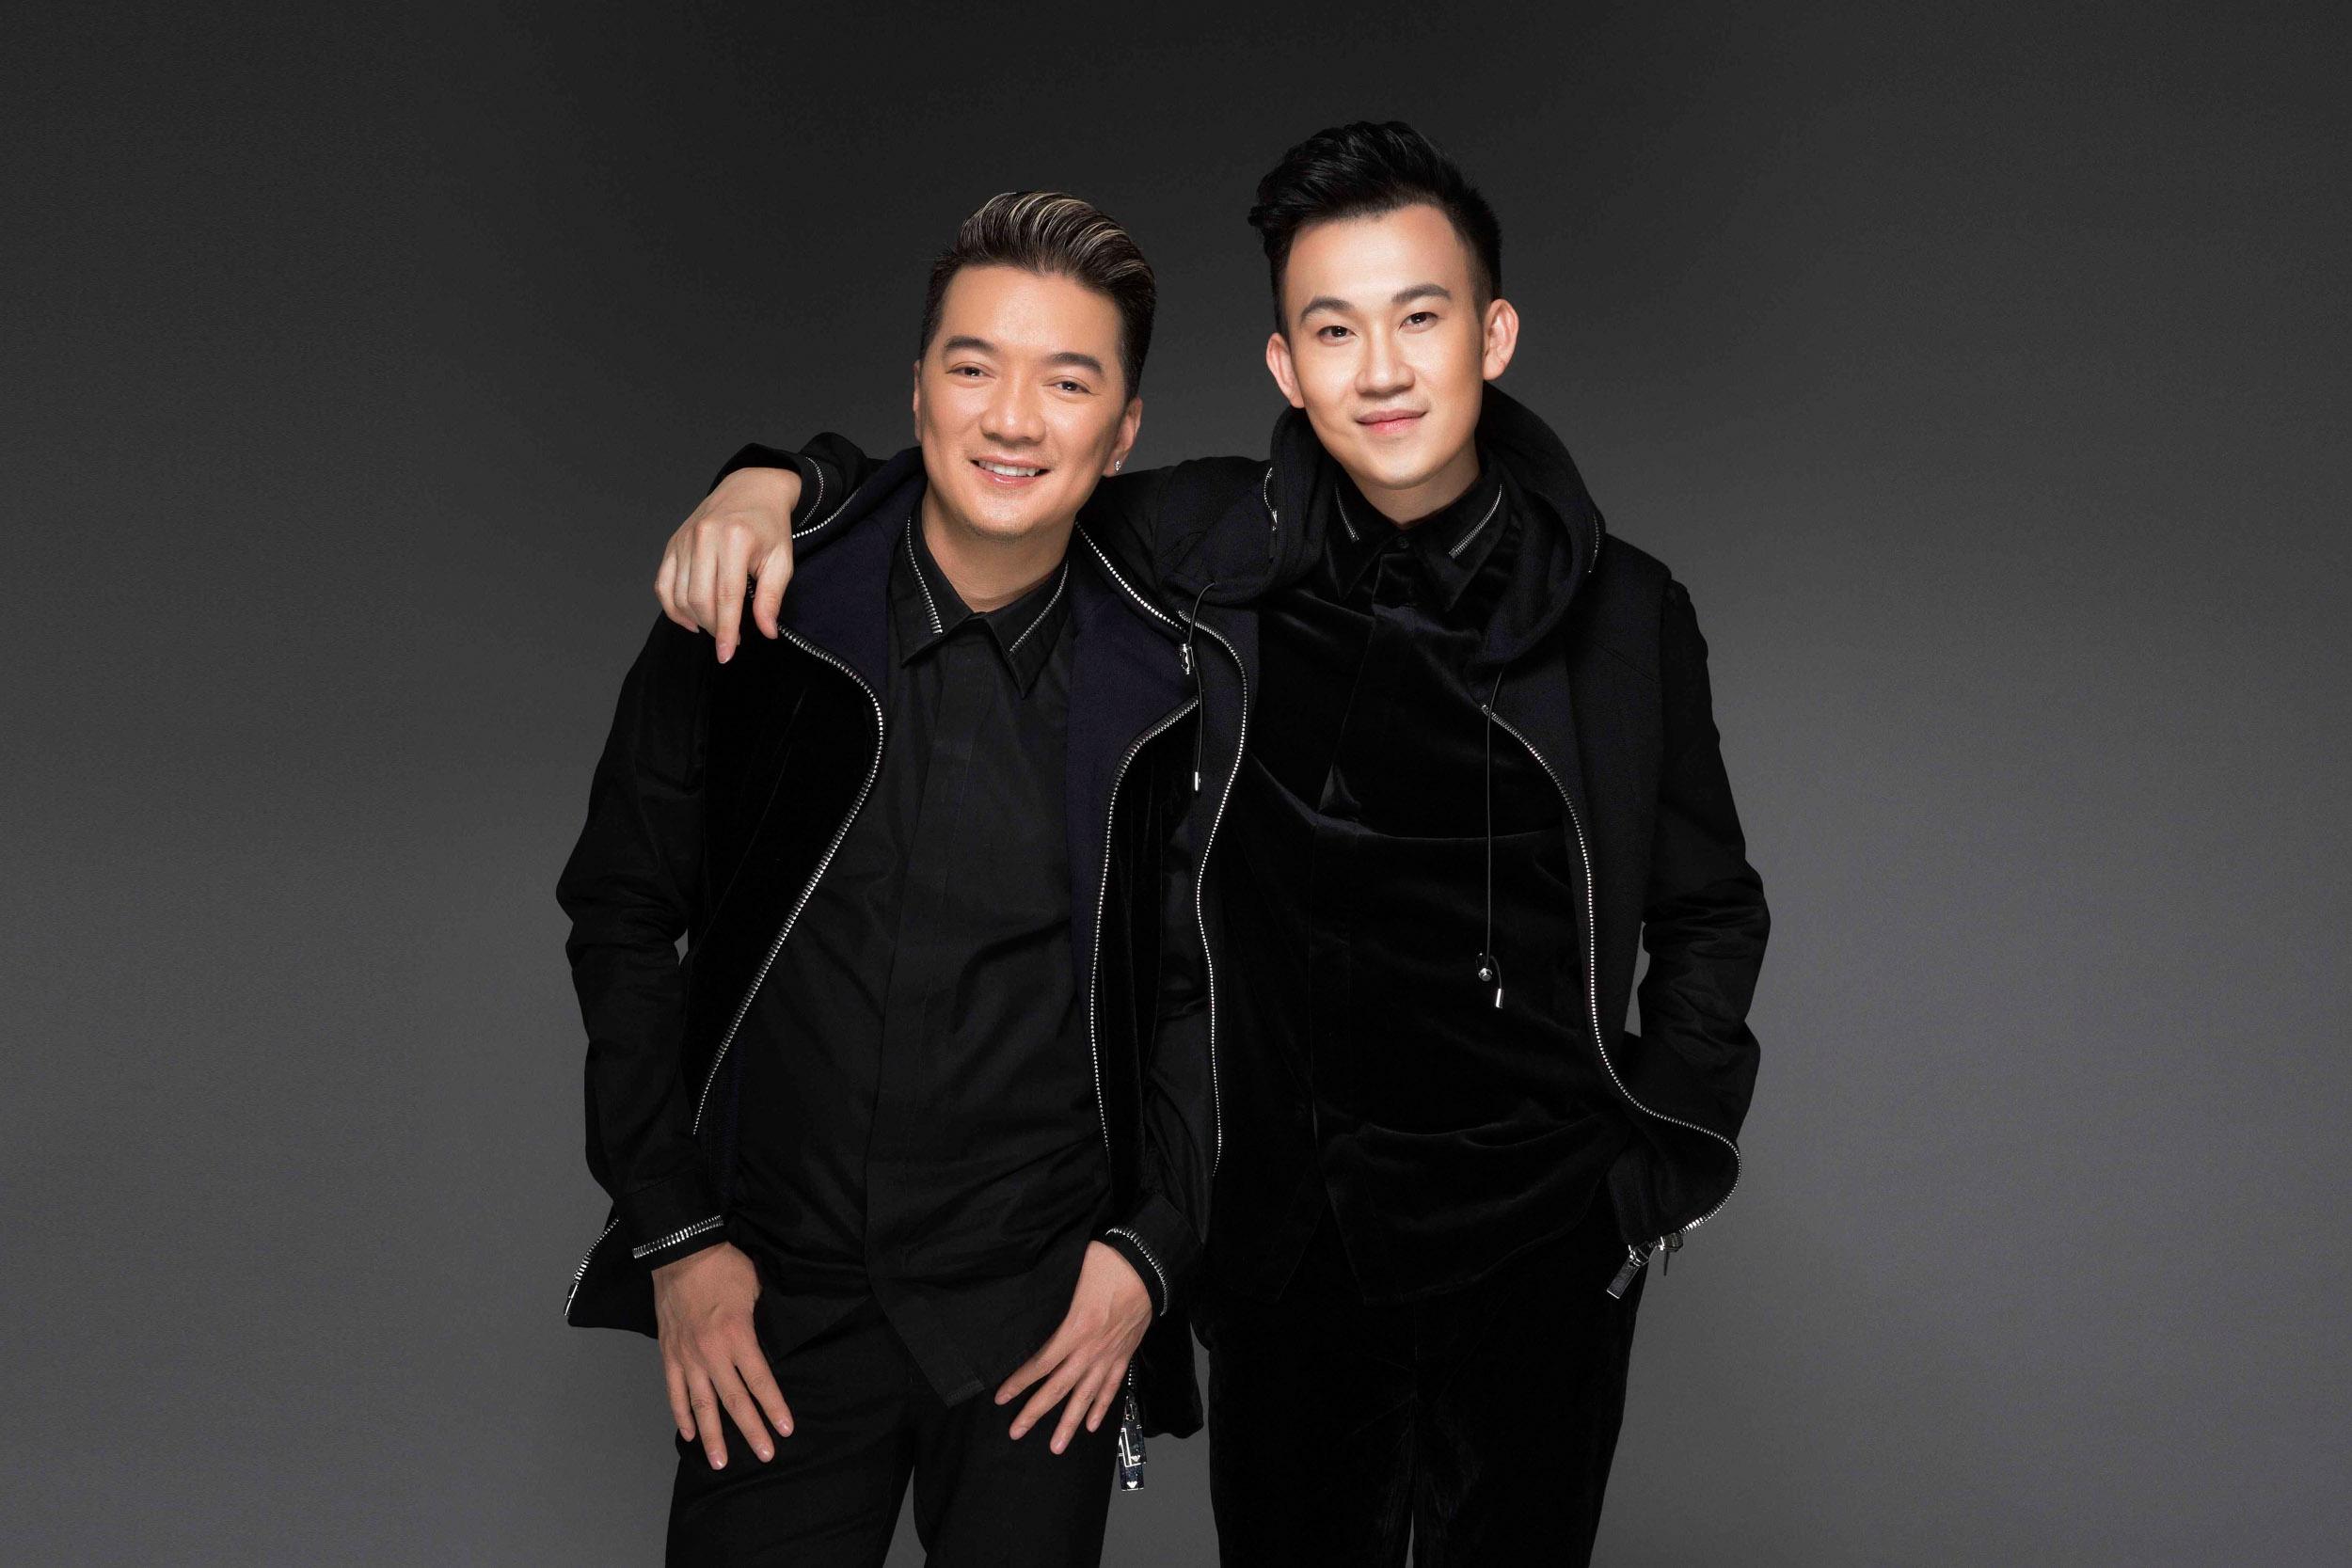 Đàm Vĩnh Hưng - Dương Triệu Vũ ra mắt teaser album chung, tiếp tục úp mở về mối quan hệ của cả hai - Ảnh 2.